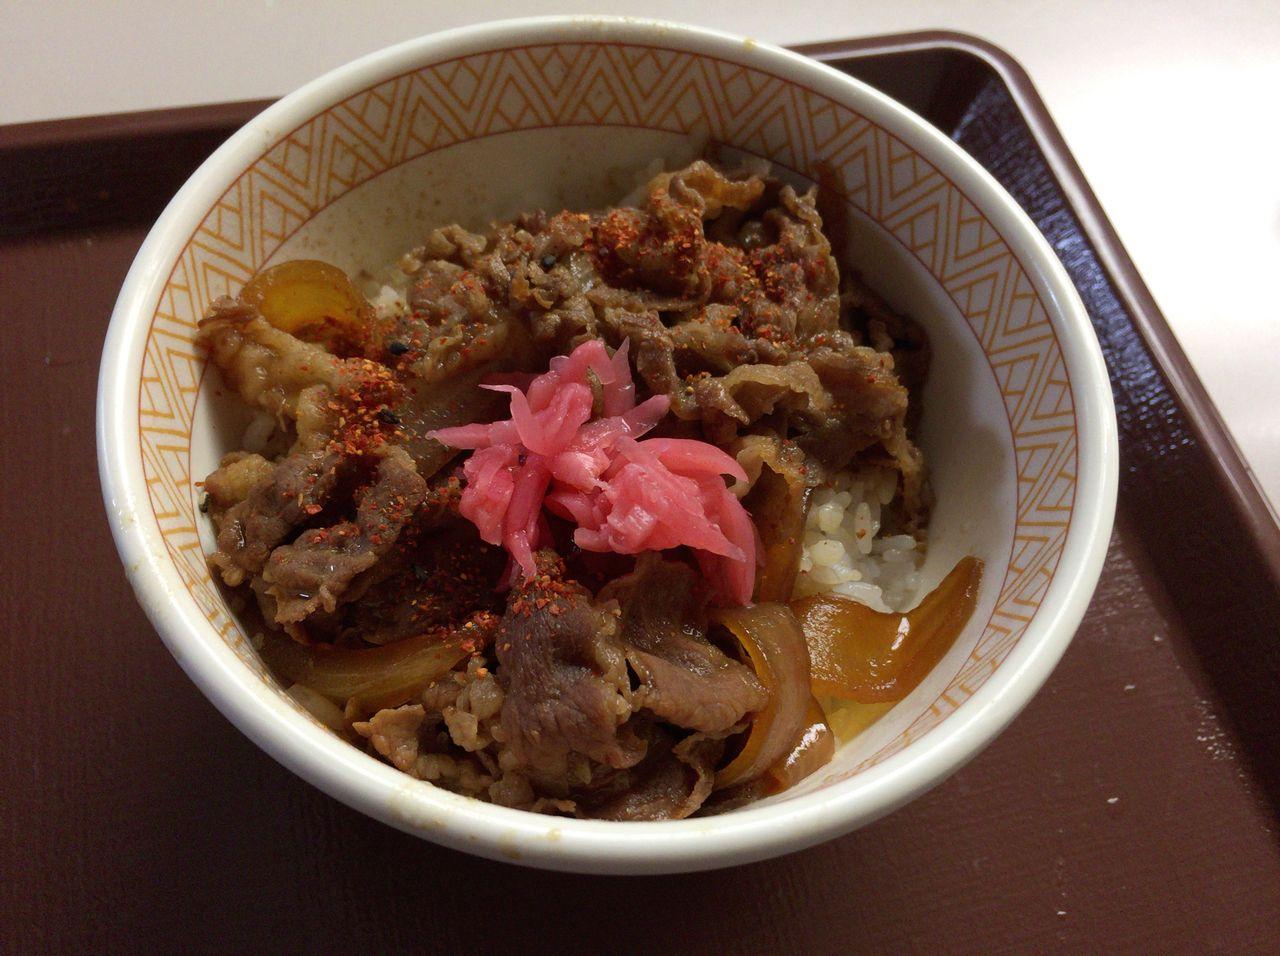 「すき家の牛丼 ミニ」の画像検索結果